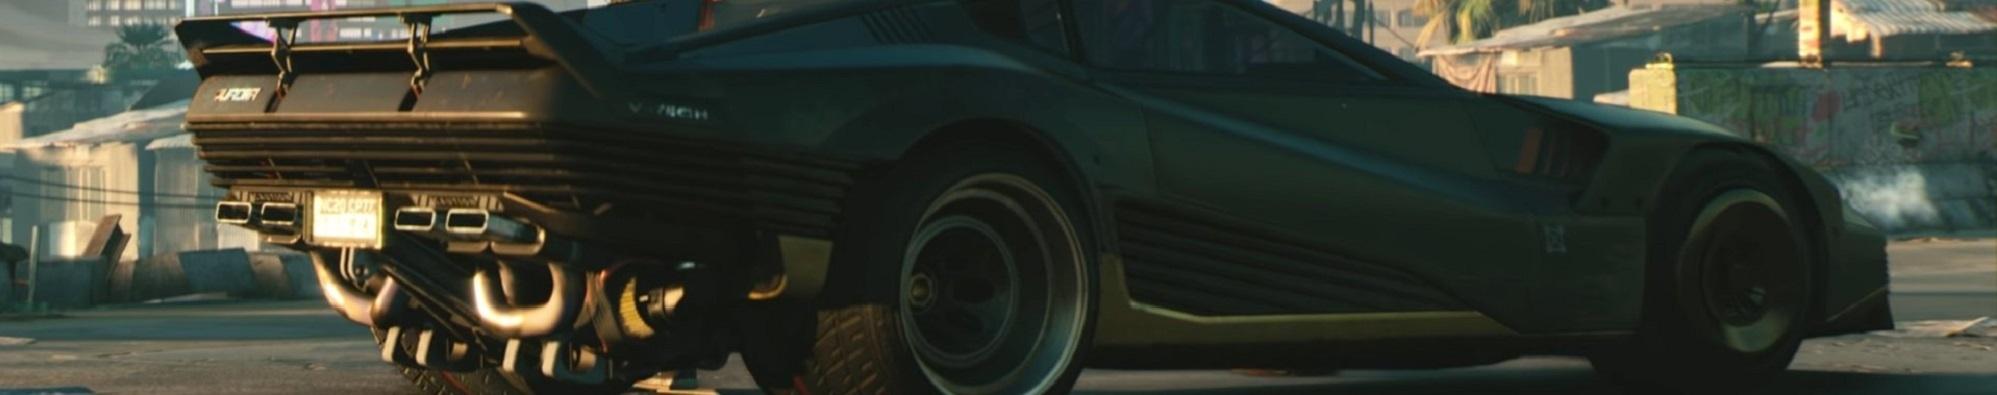 随叫随到:《赛博朋克2077》的载具召回是怎样的机制?